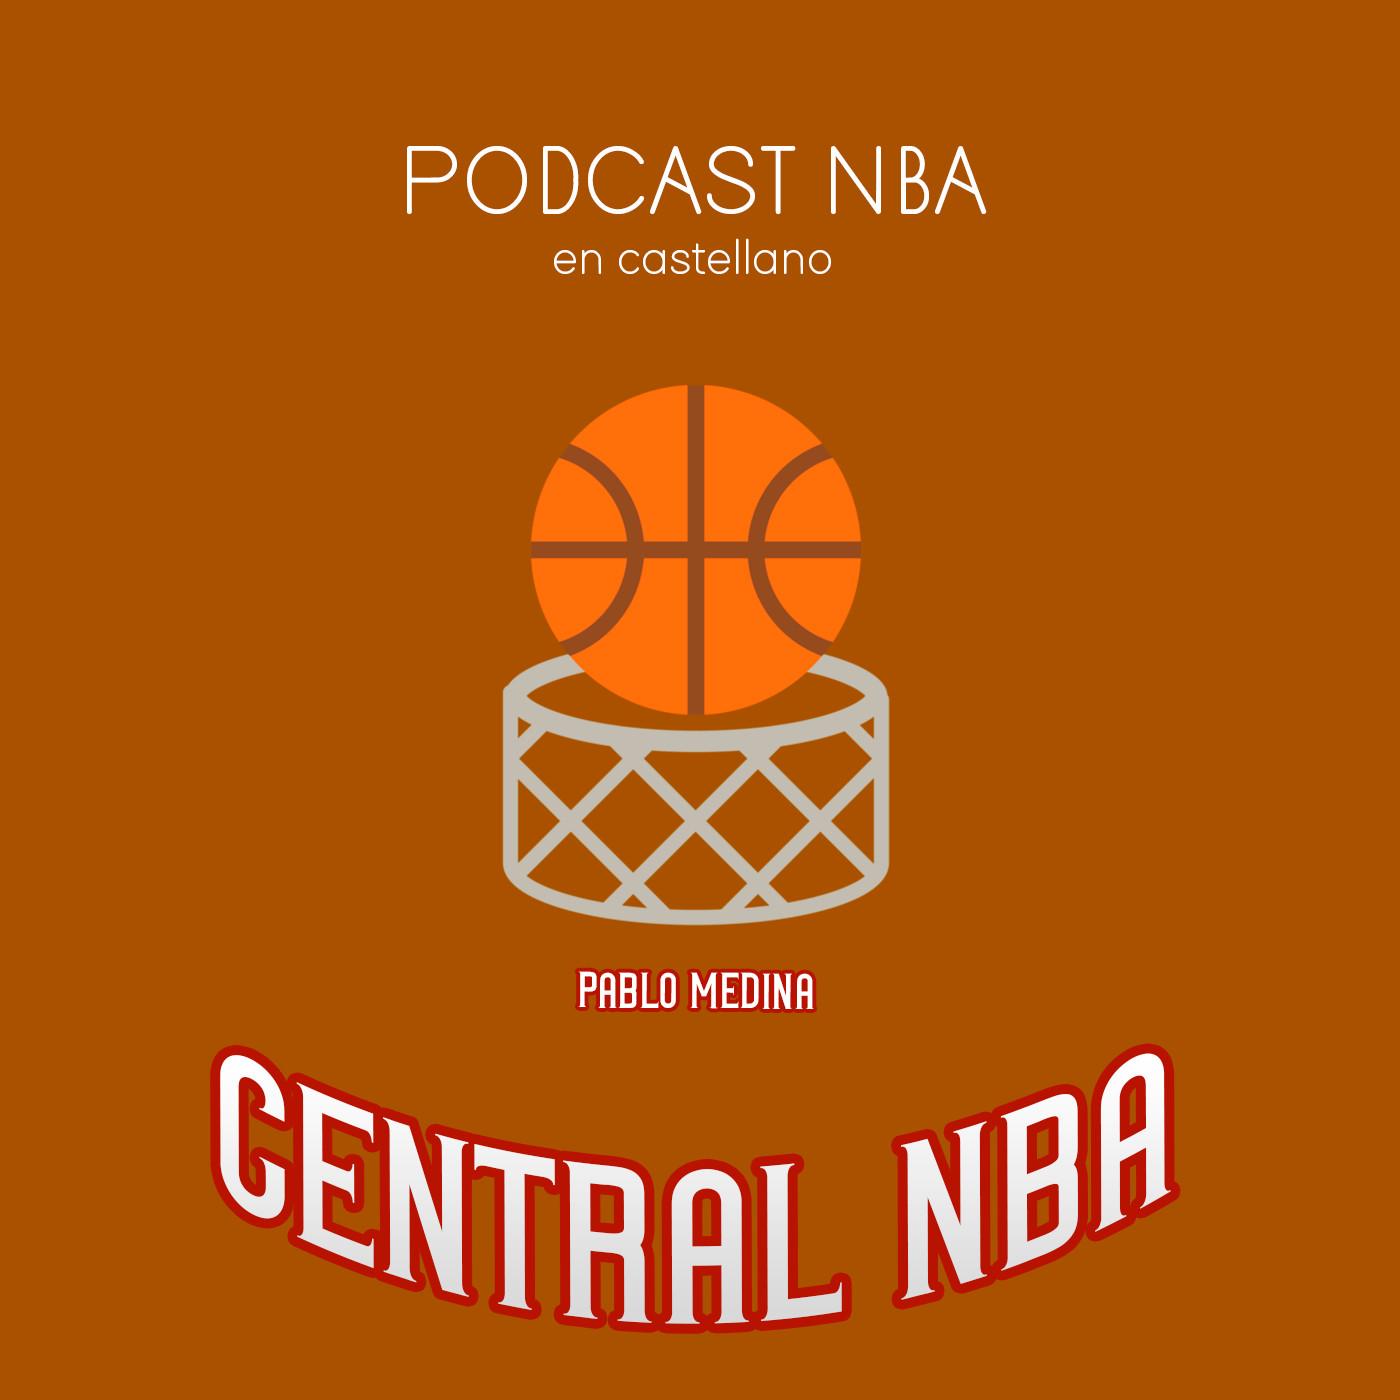 ¡¡MIAMI HEAT ES FINALISTA DE CONFERENCIA!! - LOS BUCKS CAEN - LAKERS VENCE A HOUSTON y MÁS - CENTRAL NBA#31 (09/09/2020)